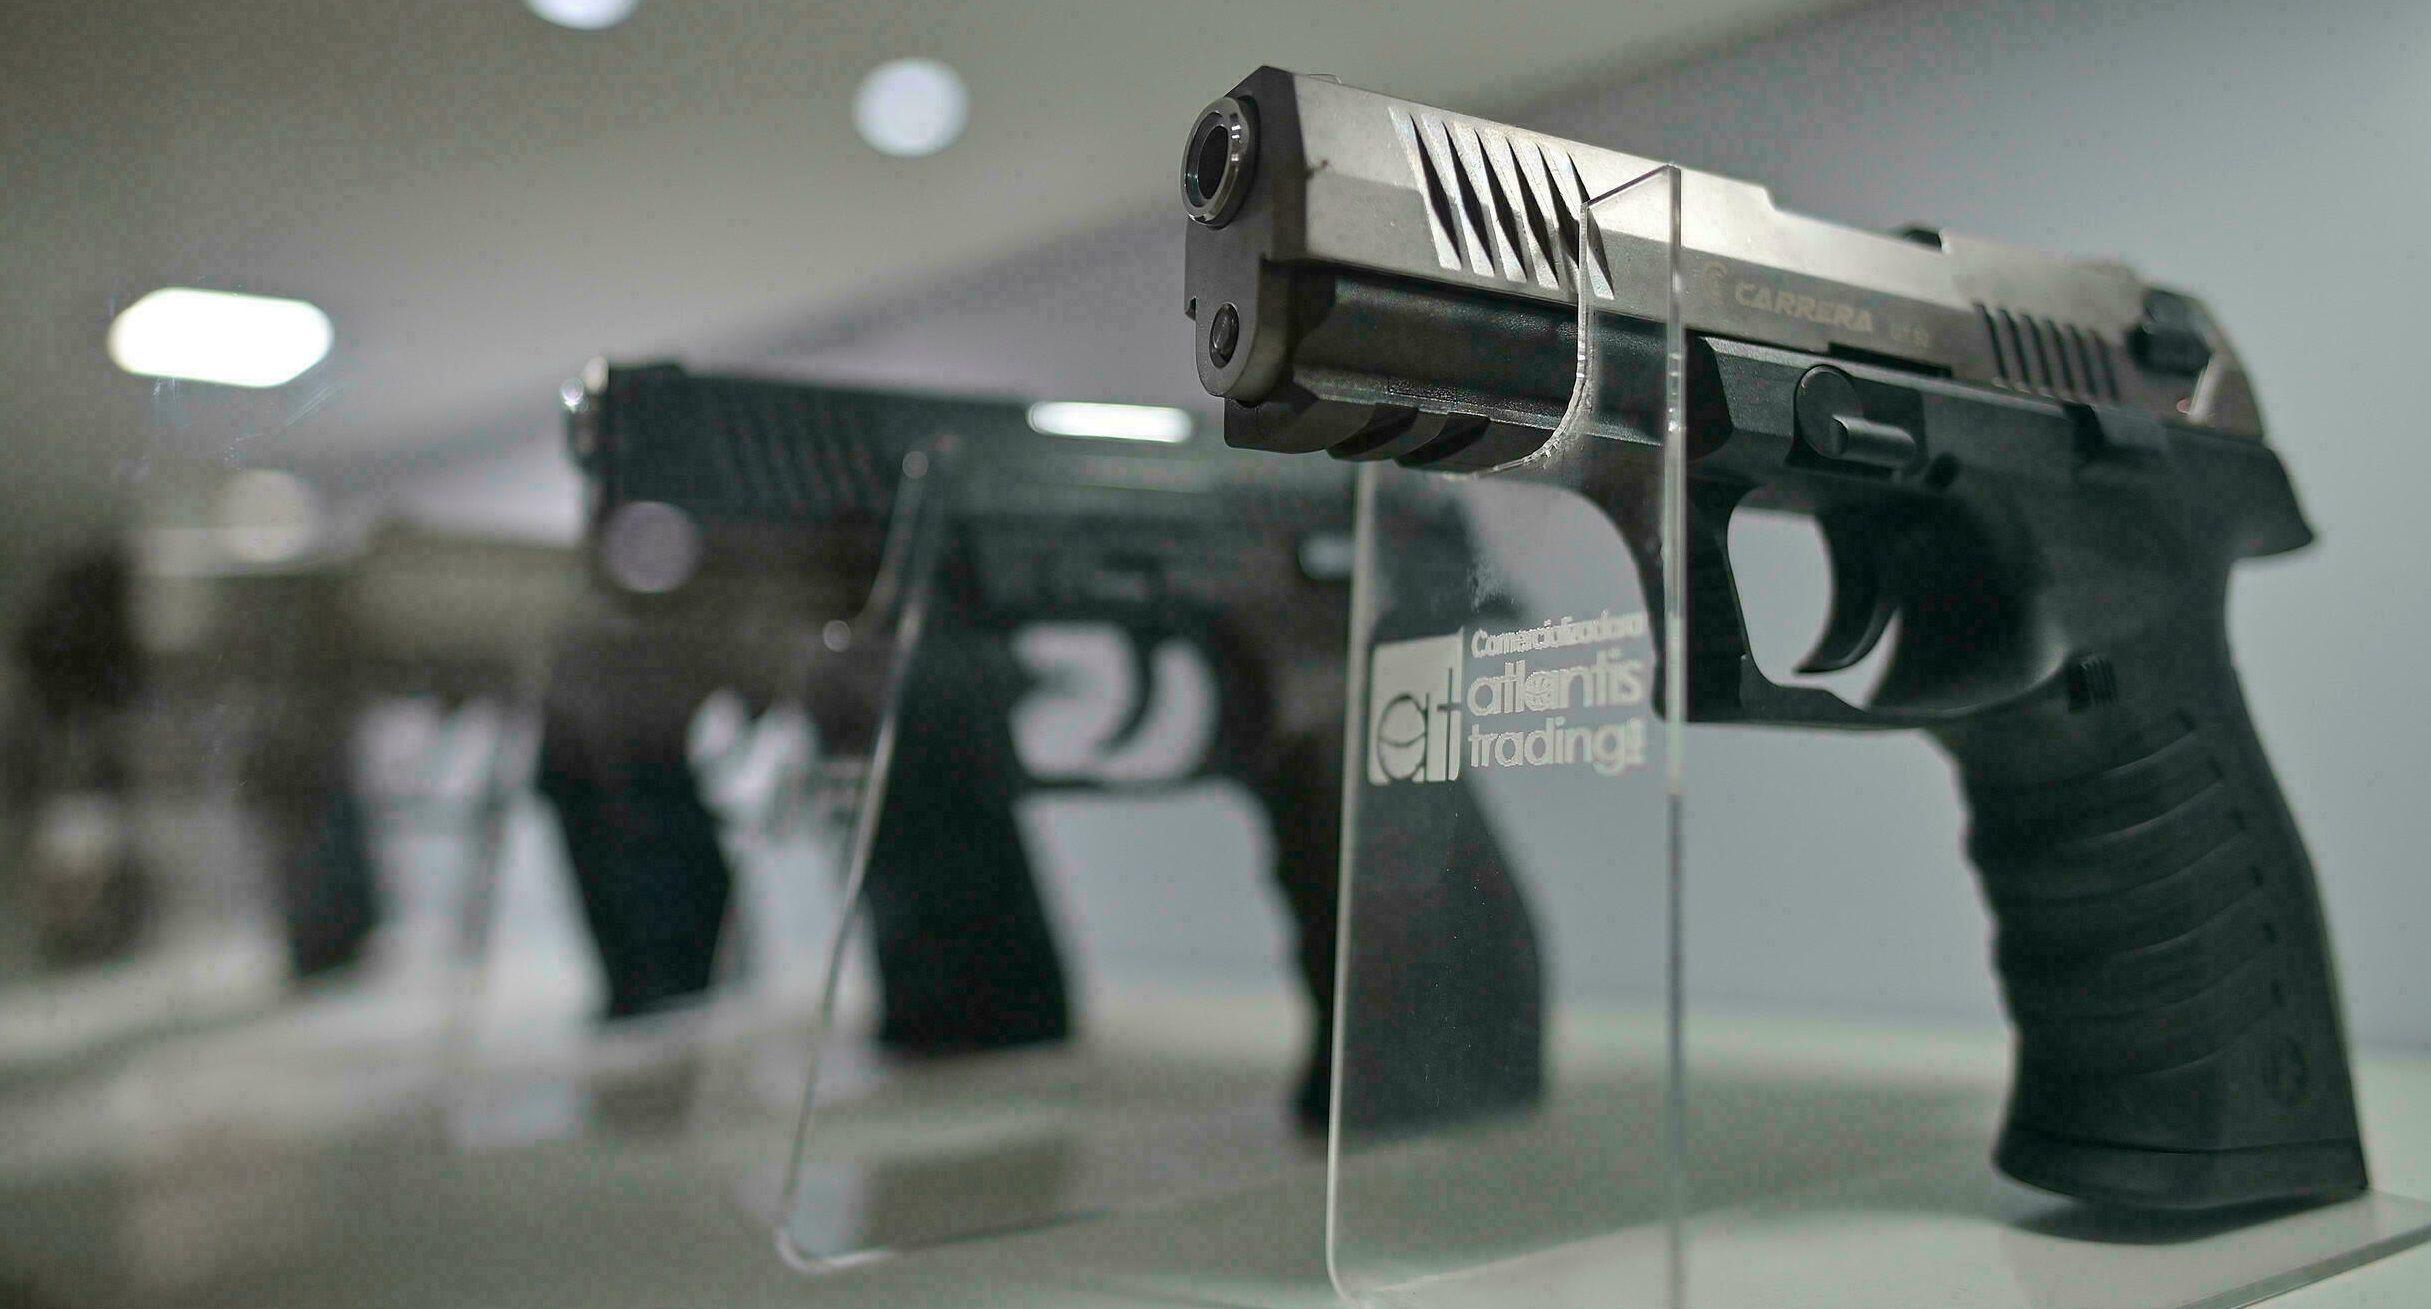 Armas traumáticas serán restringidas